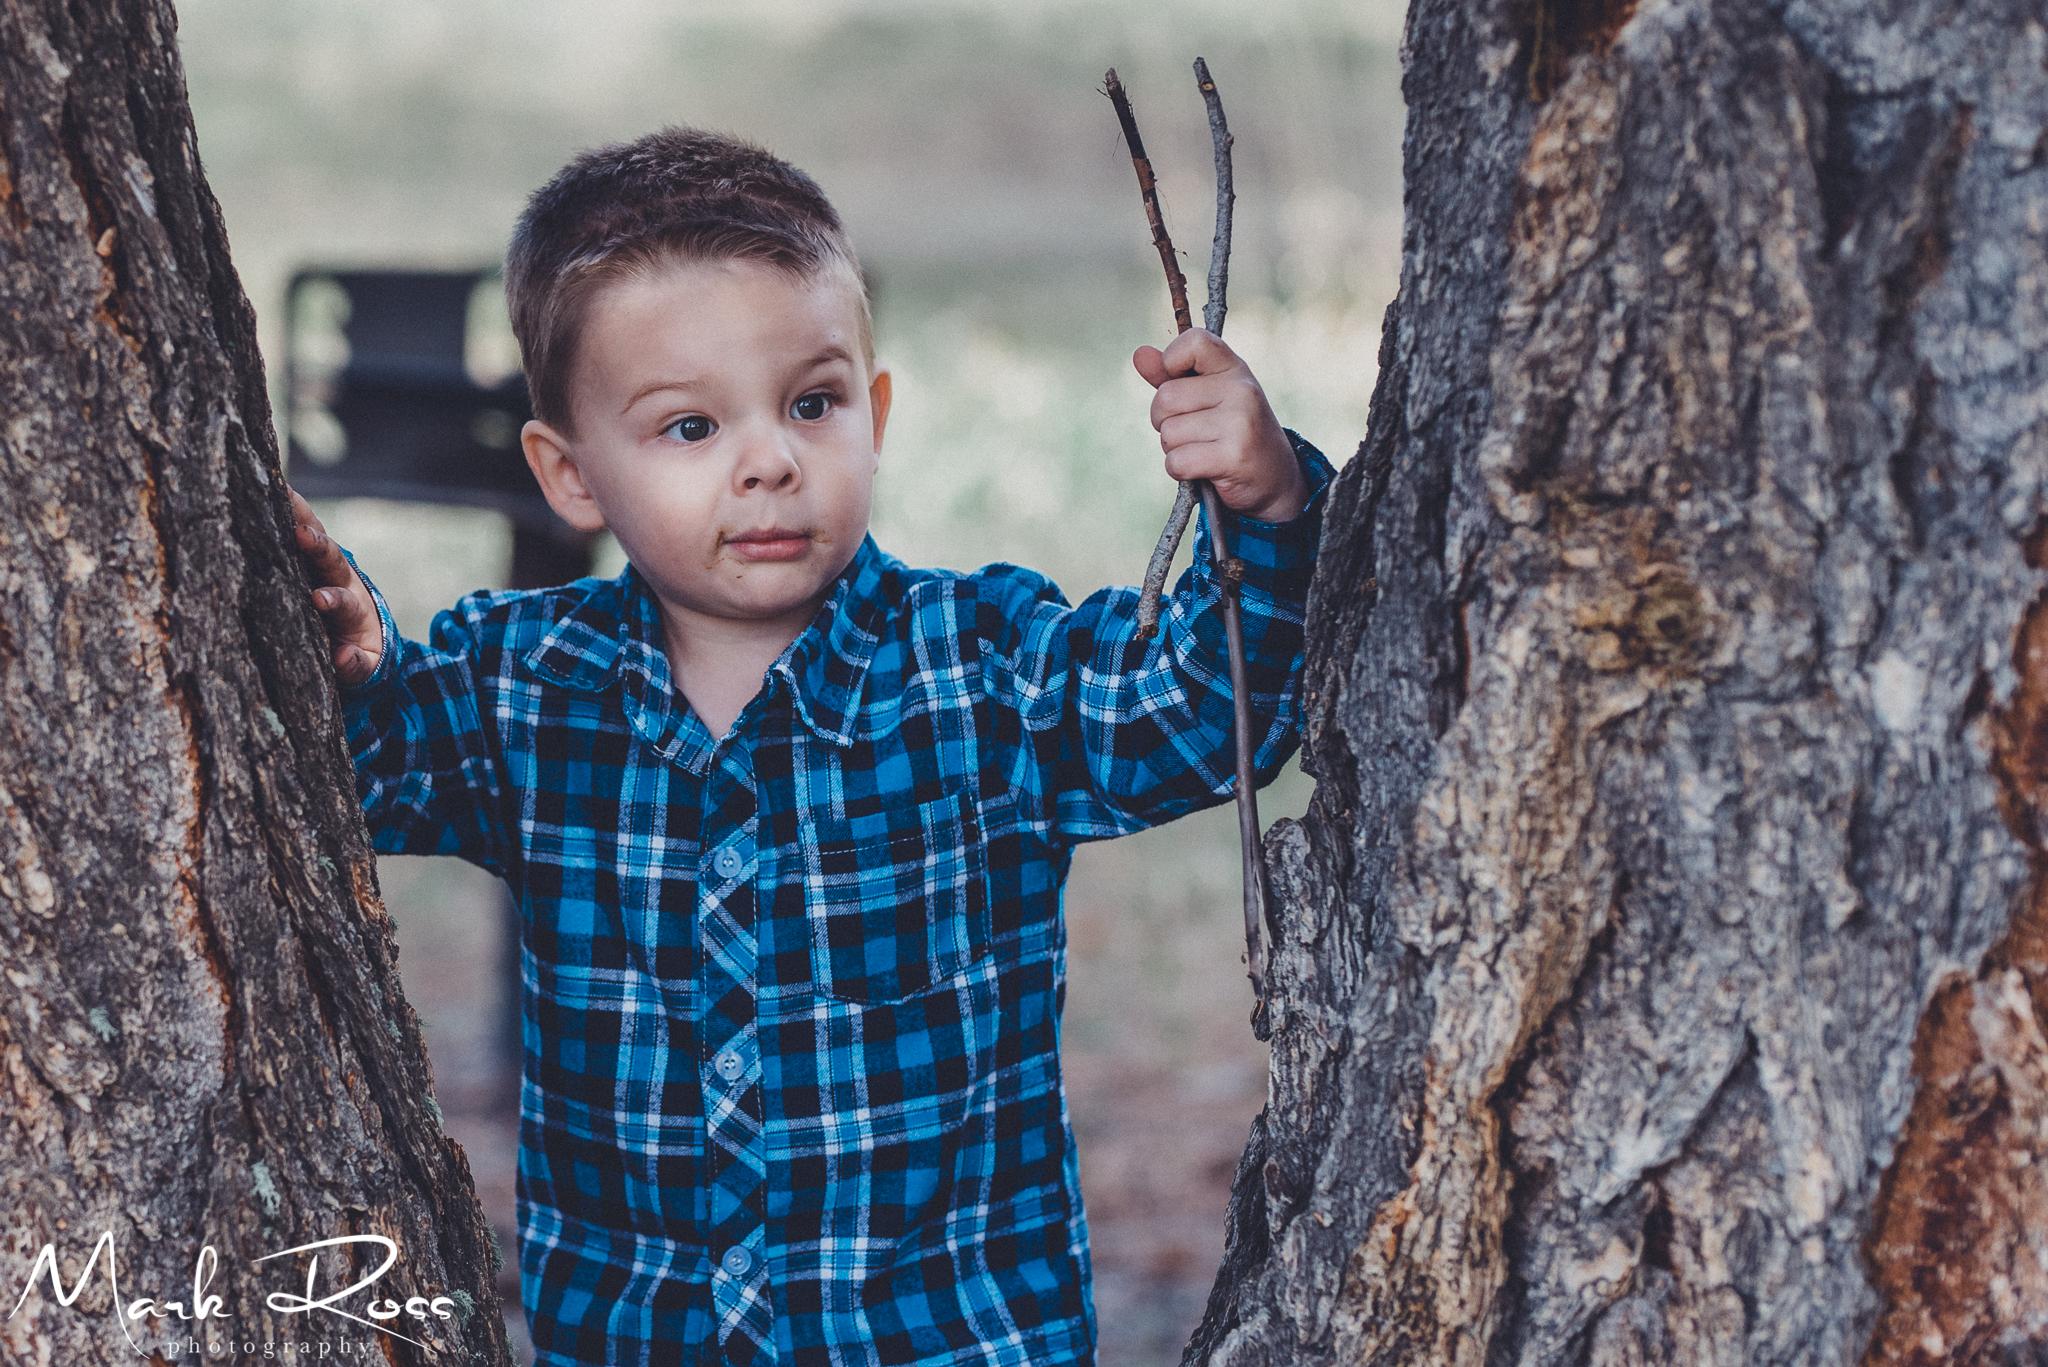 Denver-Family-Photographer-Blog-Mark-Ross-Photography-Glas-Family-31.jpg